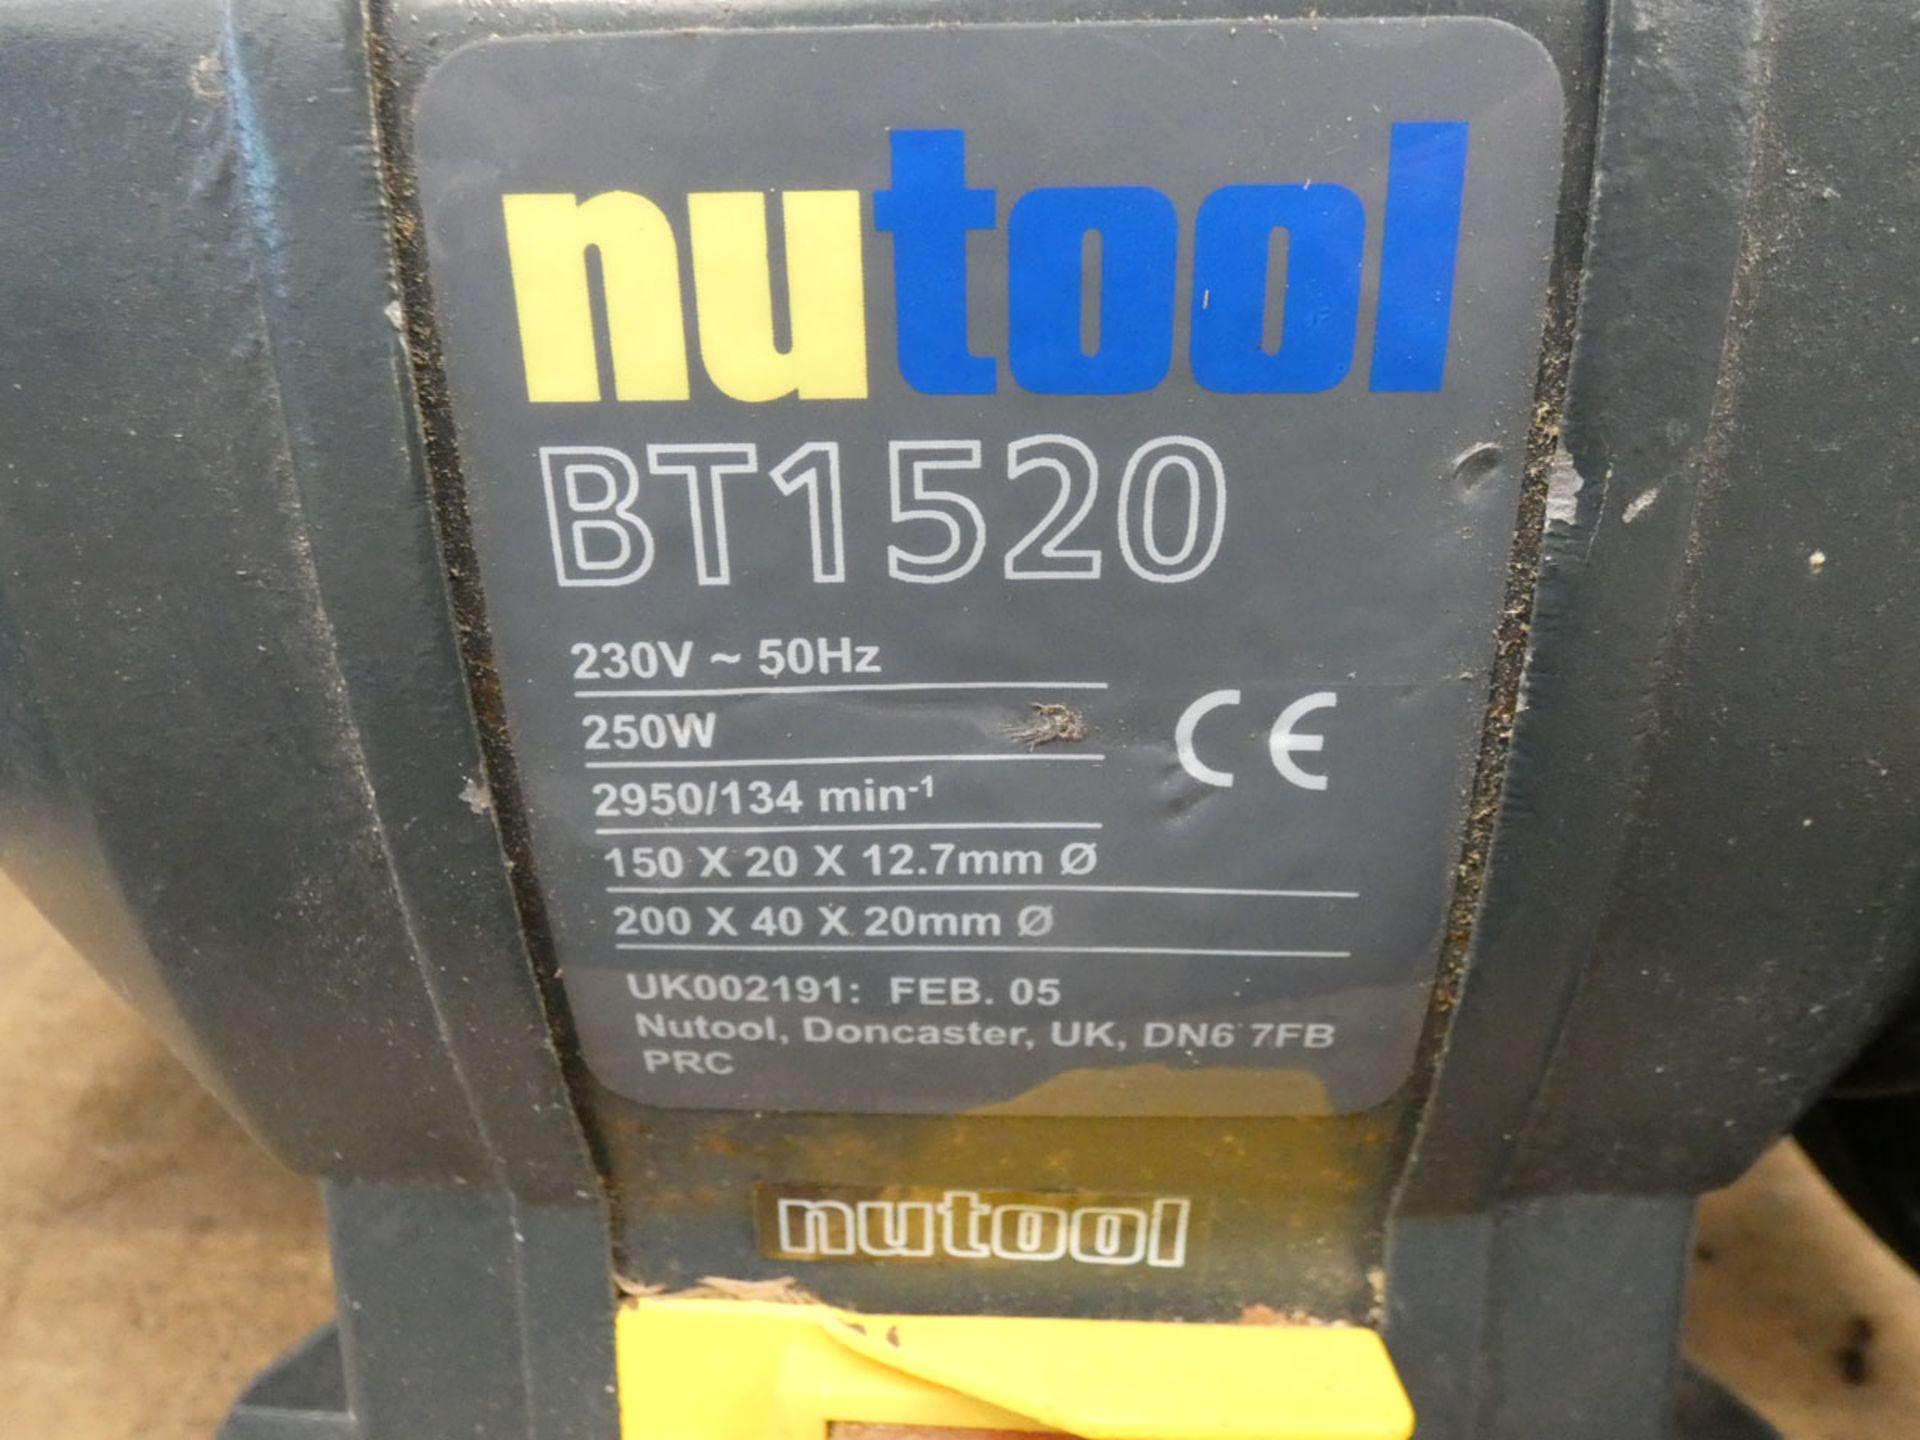 Newtool bench grinder and wet grinder - Image 2 of 4